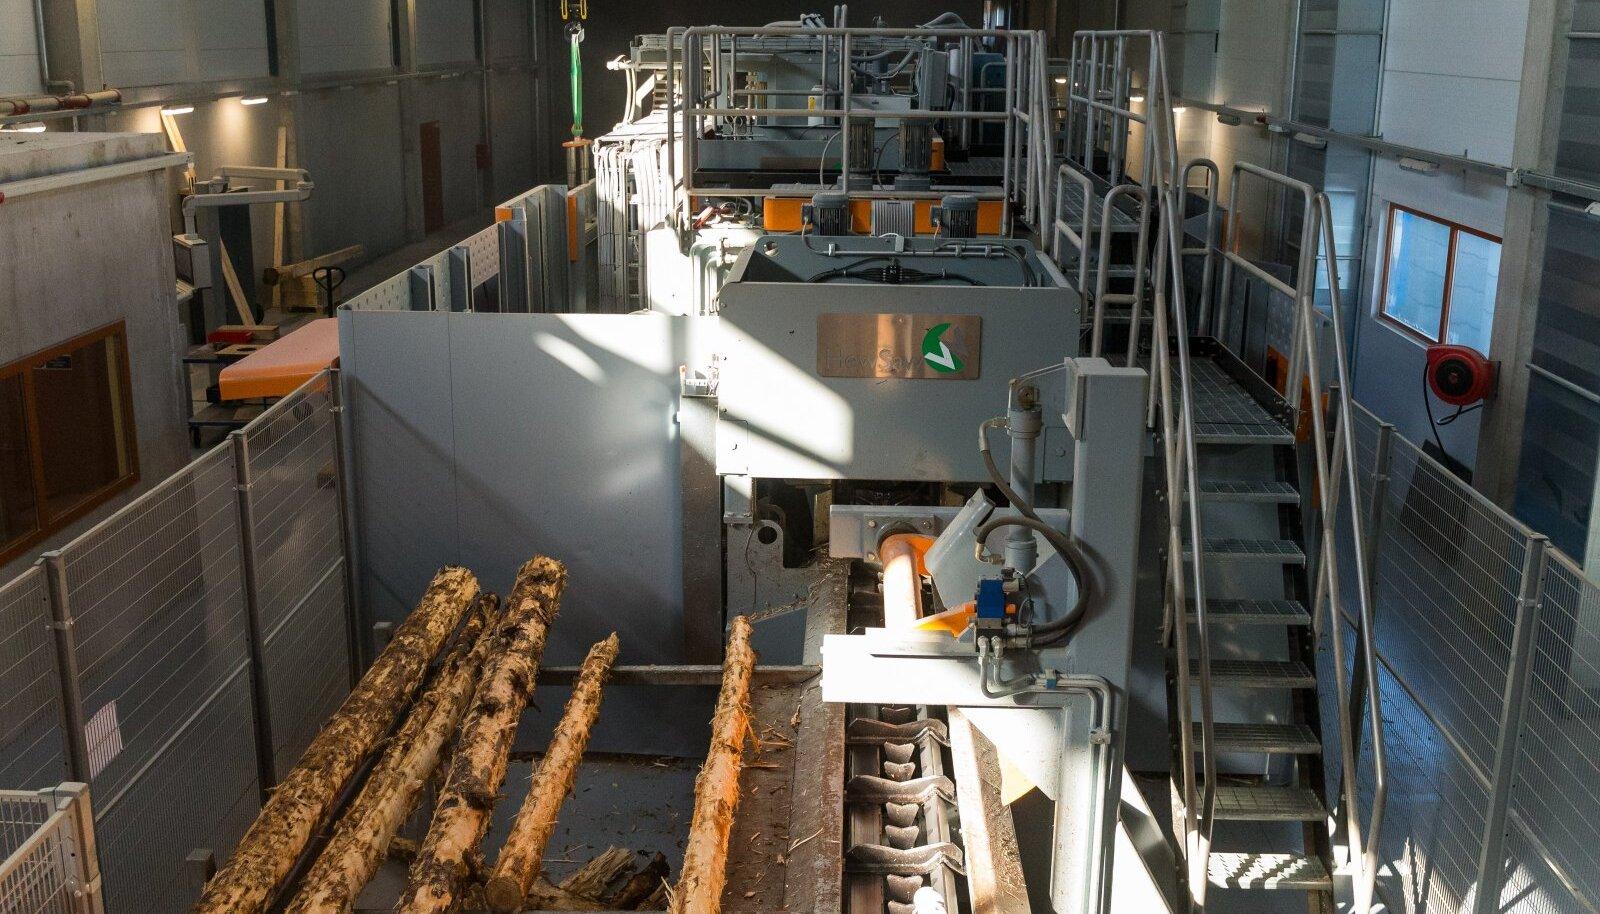 Moodsas puidutööstuses lõikeinstrumentide lähedusse töötajad muidugi ei satugi. Ohtlikud on ennekõike väikestes tsehhides töötavad n-ö poolprofessionaalsed tööpingid, kus palju oleneb töötaja enda teadlikkusest.